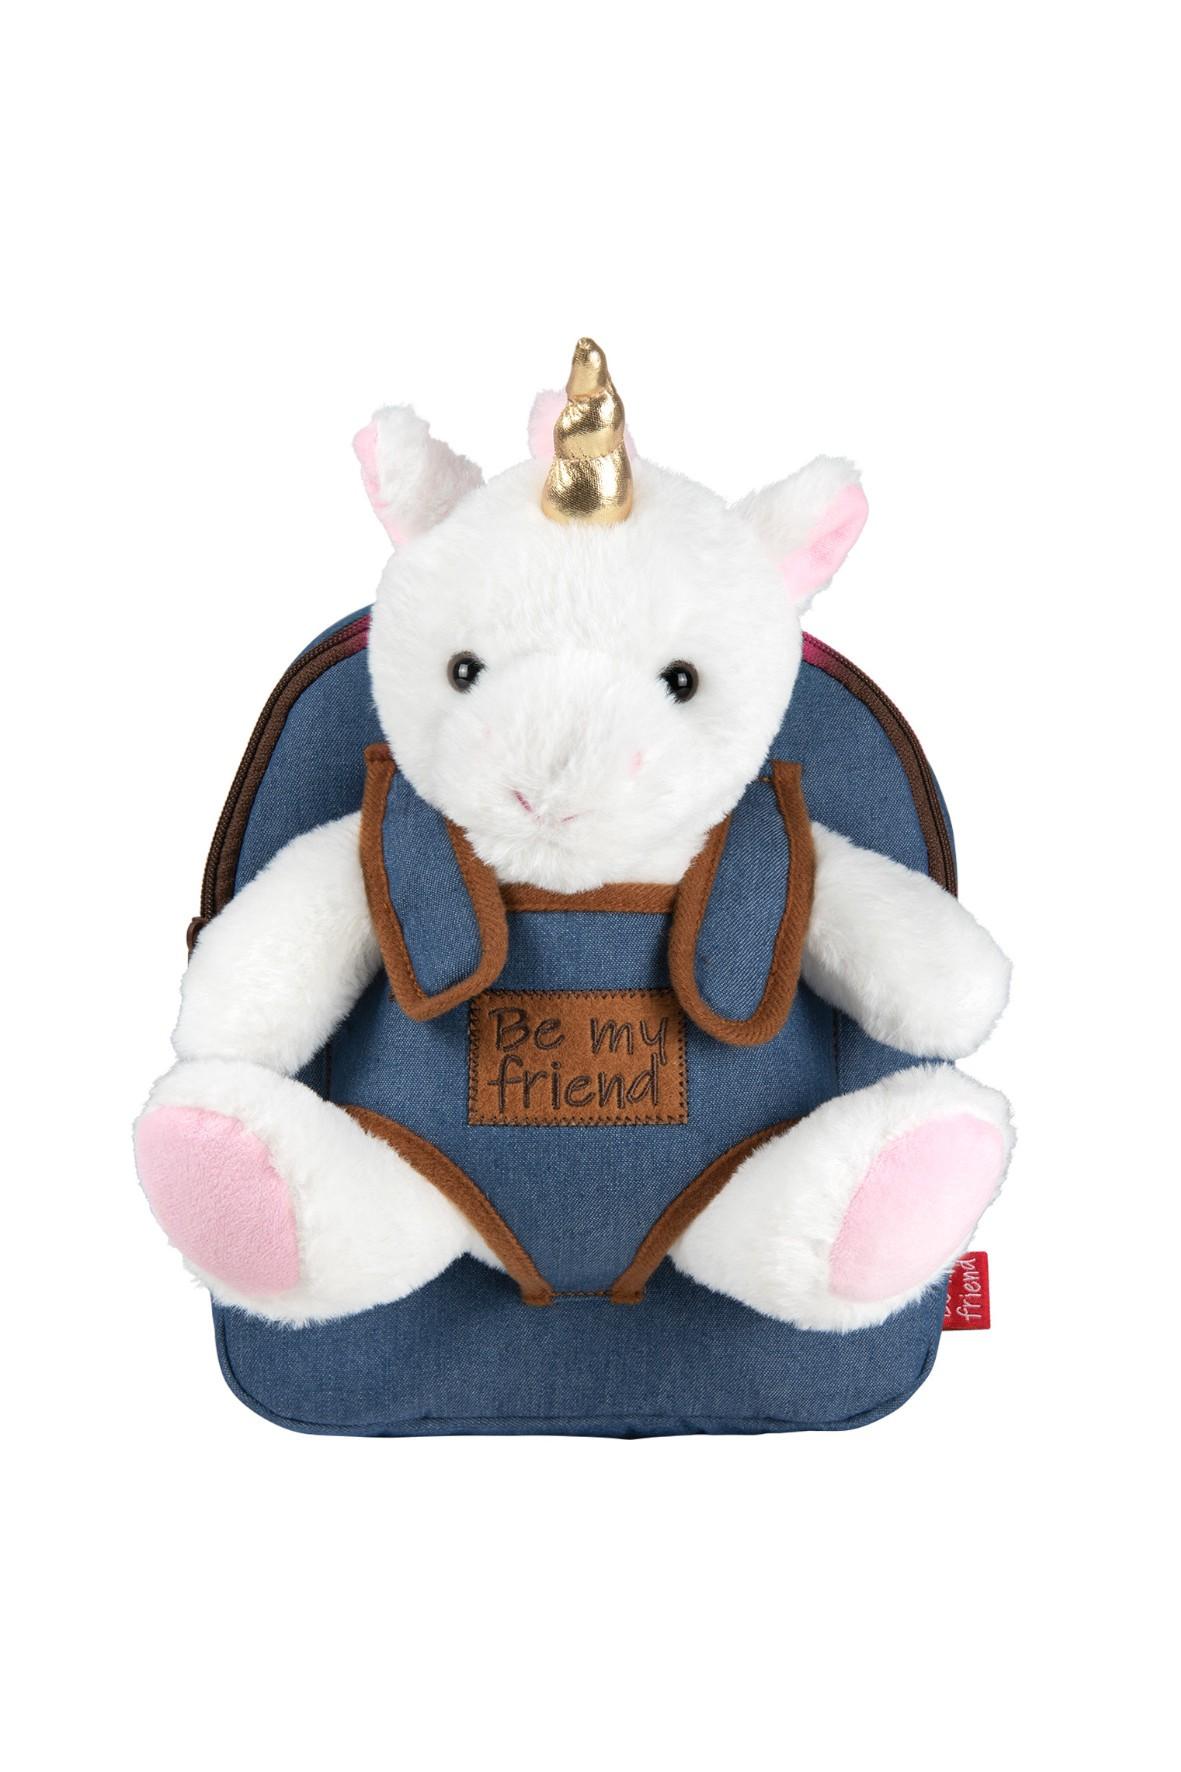 Plecak Denim z przytulanką - Tiara Unicorn wiek 2+